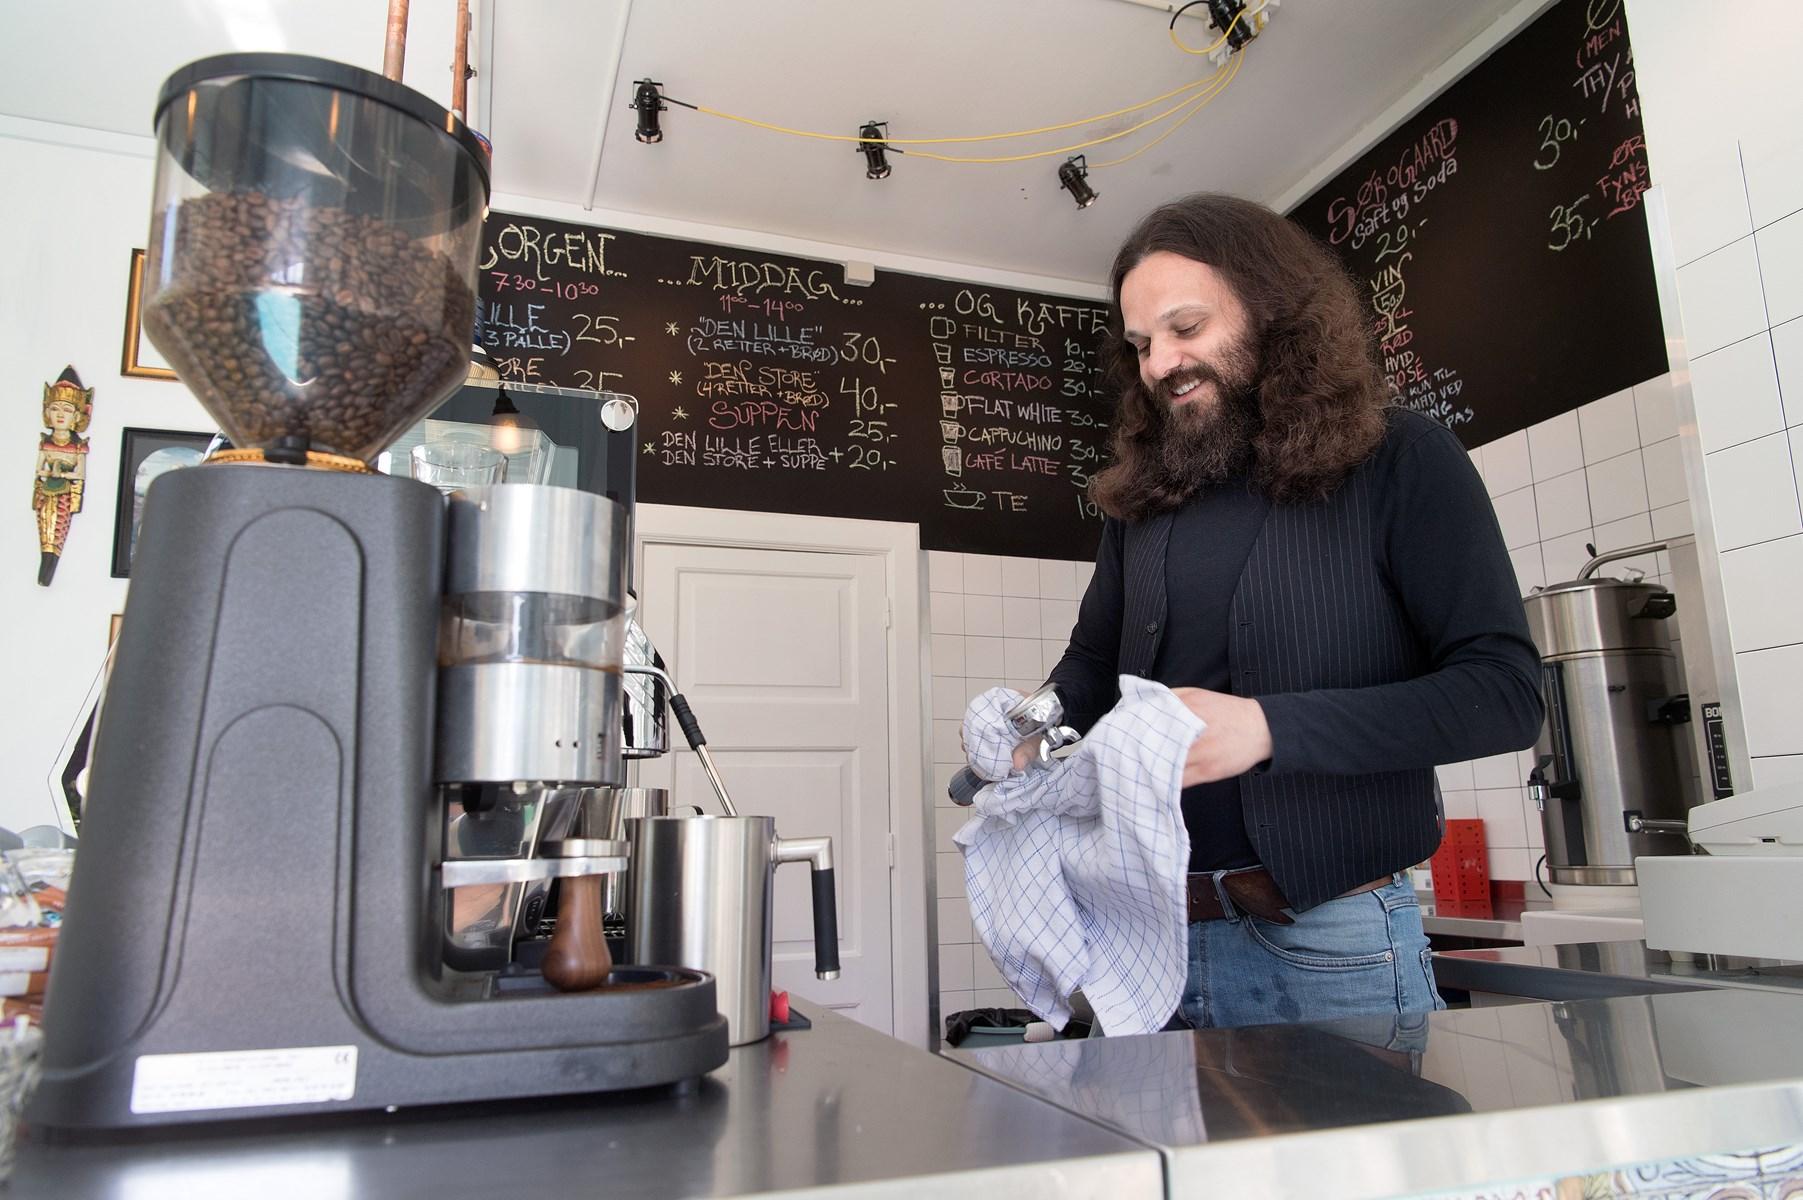 Morgen, Middag & Kaffe har været længe undervejs, men mandag kan Michael Marino og hans kolleger på Huset endelig slå dørene op.